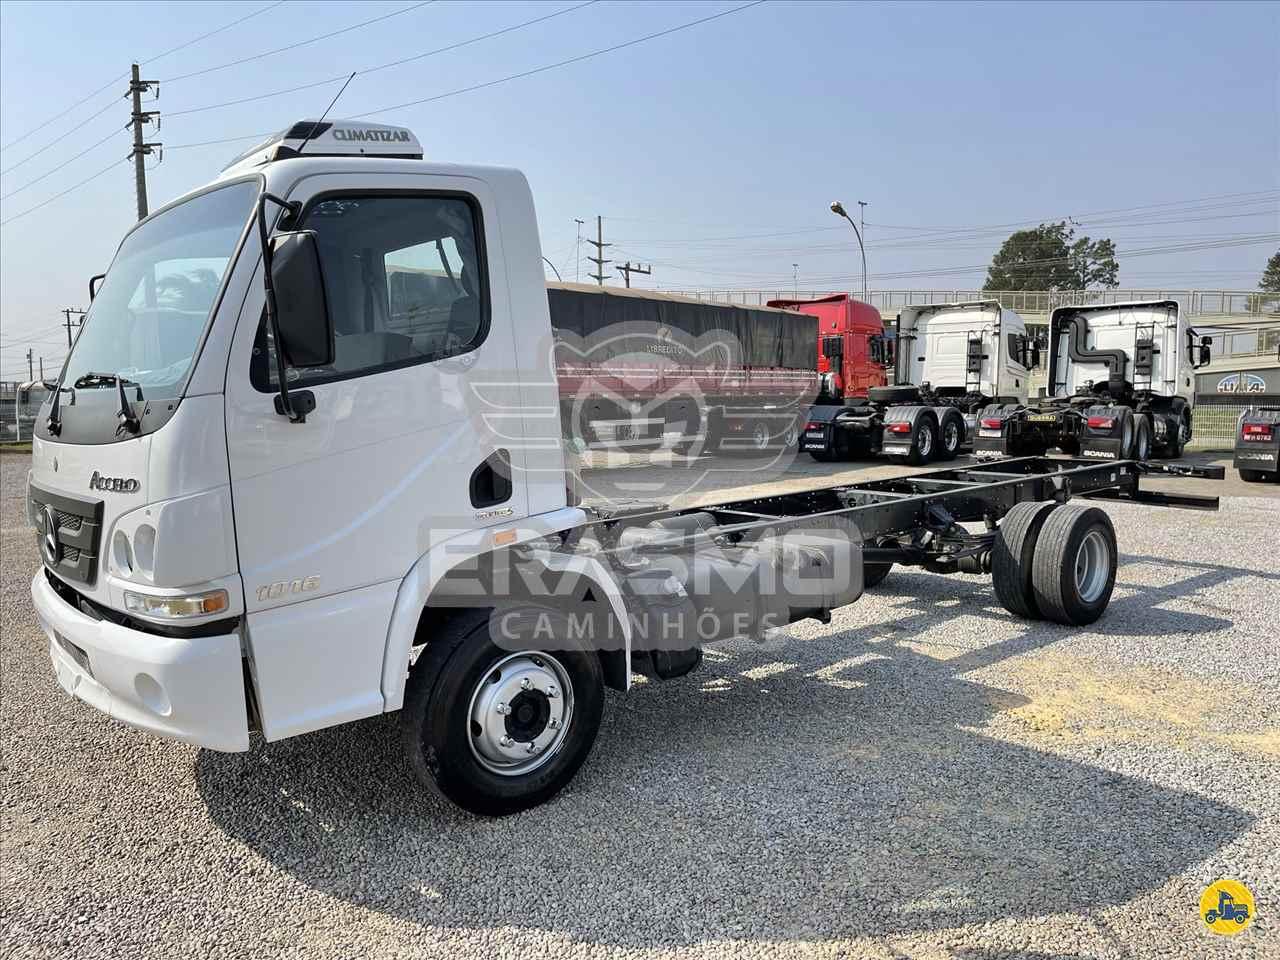 MB 1016 de Erasmo Caminhões - TUBARAO/SC